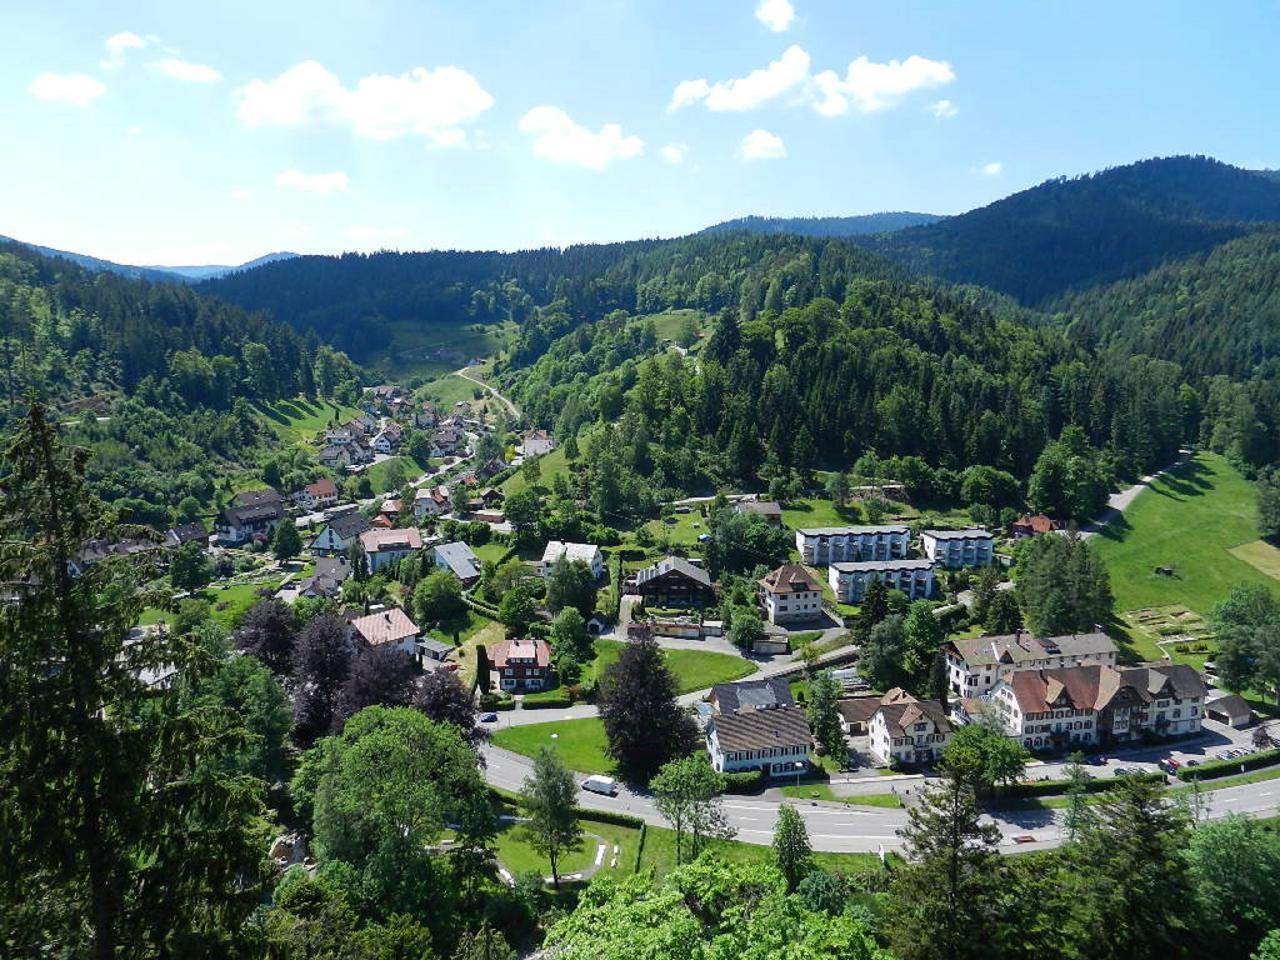 Ferienwohnung Morgensonne im Schwarzwald (146349), Baiersbronn, Schwarzwald, Baden-Württemberg, Deutschland, Bild 11